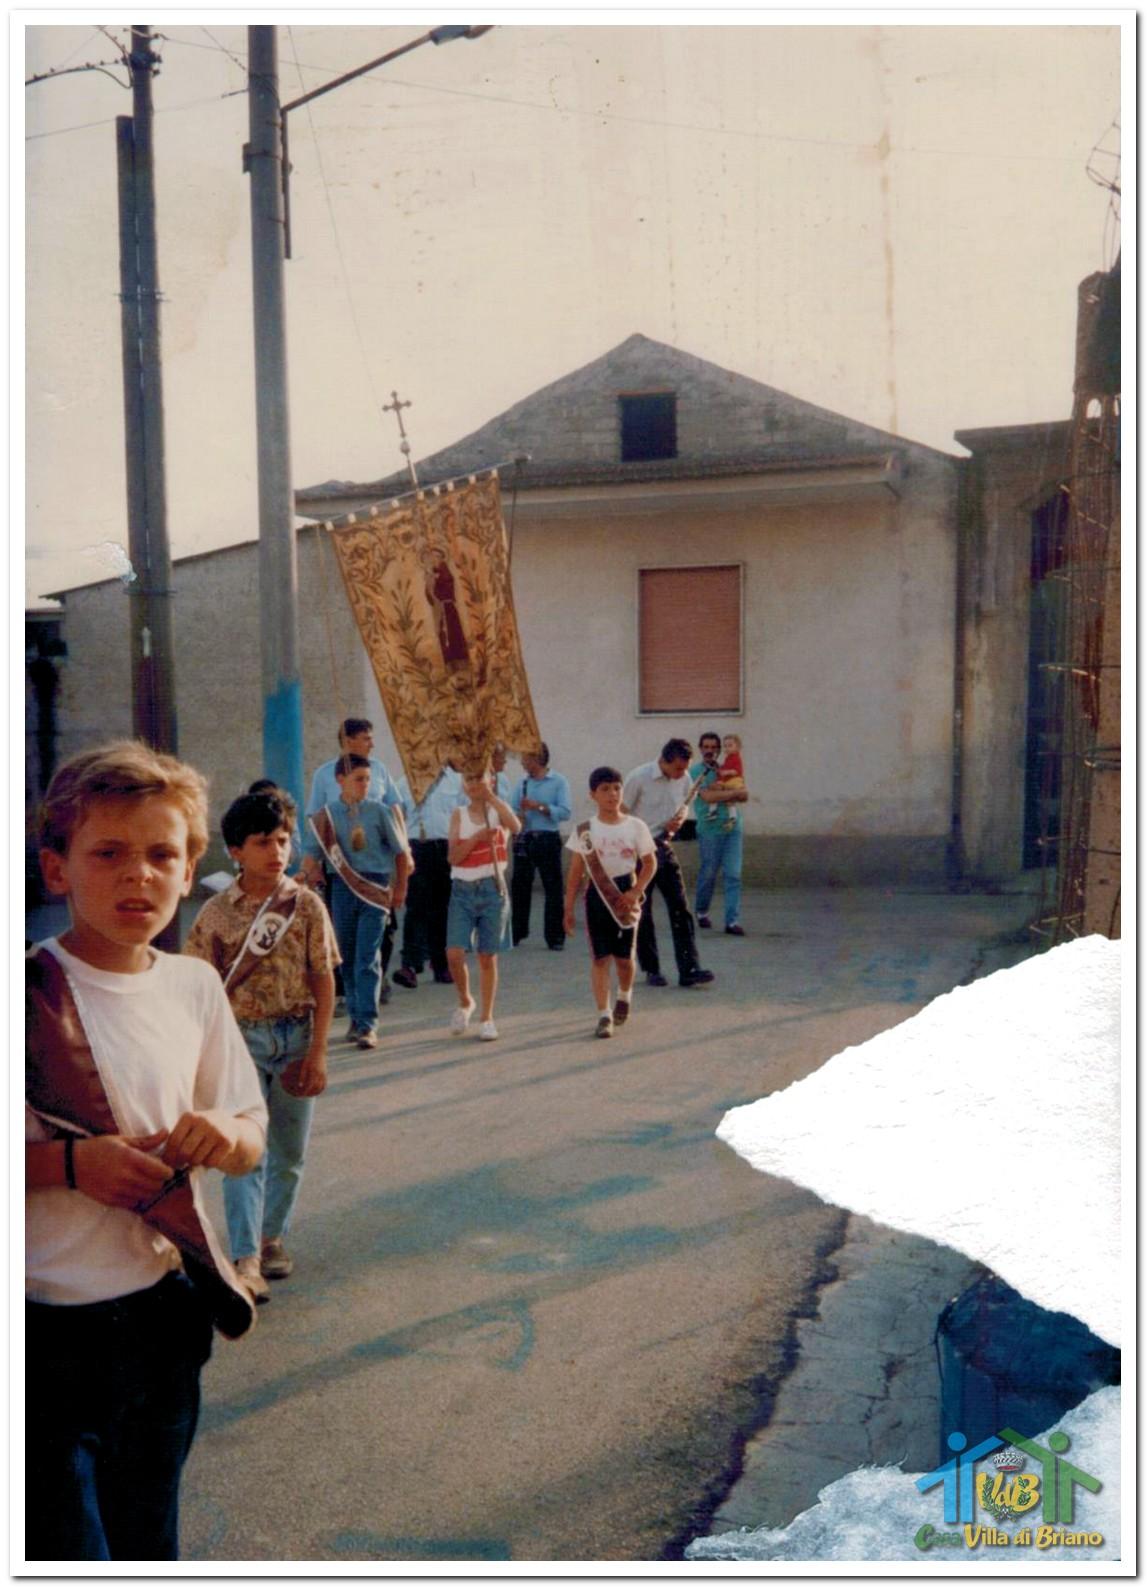 Sant'Antonio_Festa_Villa_di_briano_1989_91